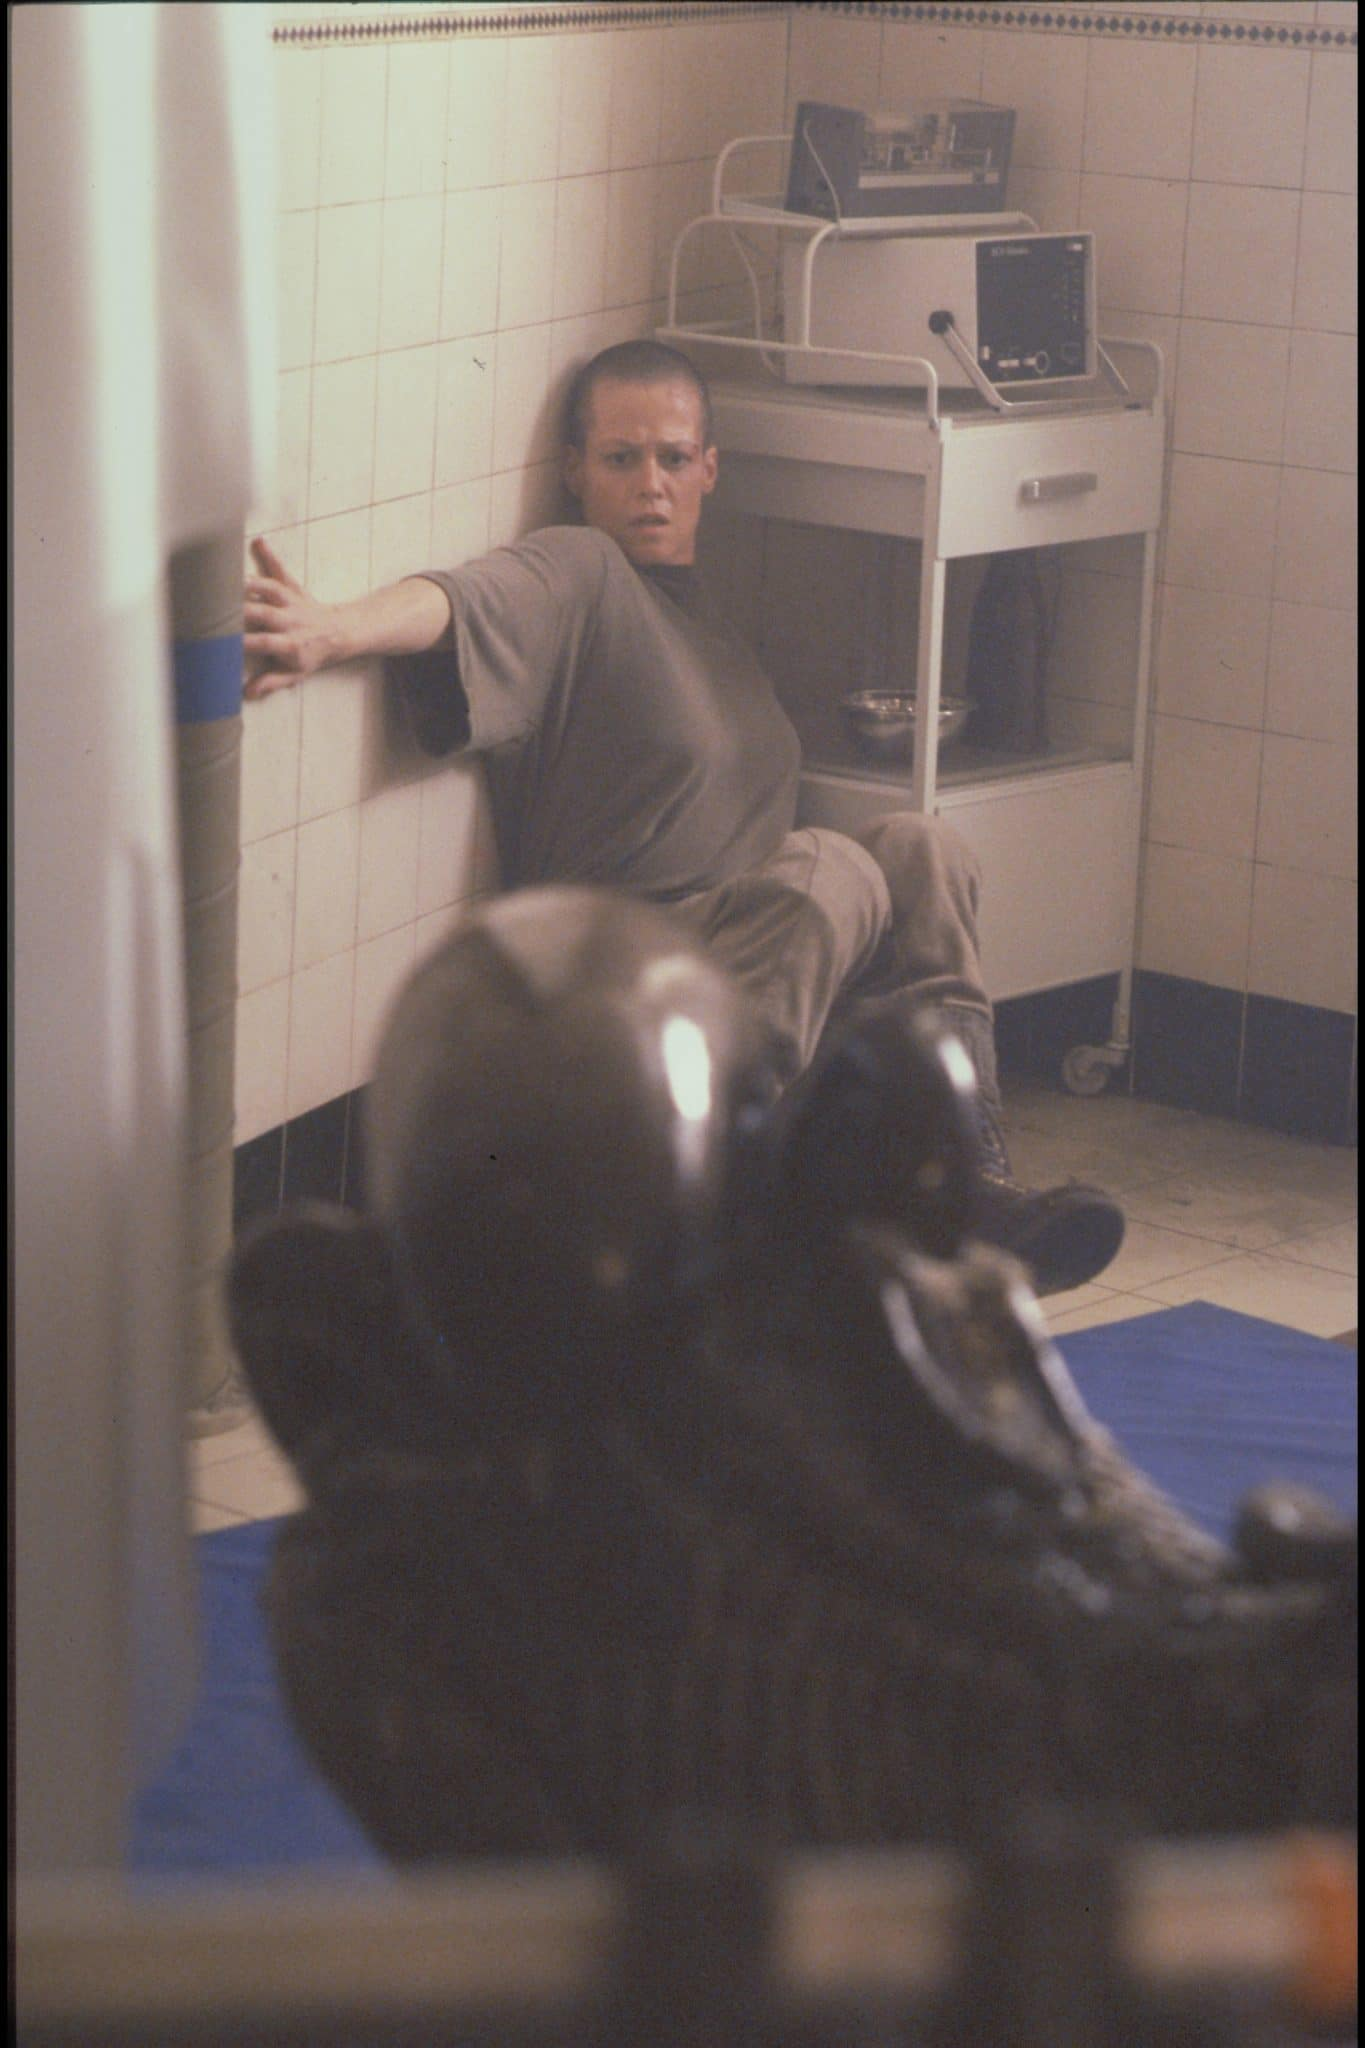 Ellen Ripley (Sigourney Weaver) blickt entsetzt in Richtung des Aliens, das man nur von hinten sieht. Sie sitzt vor medizinischen Geräten und vor einer weißgefliesten Wand auf dem Boden.